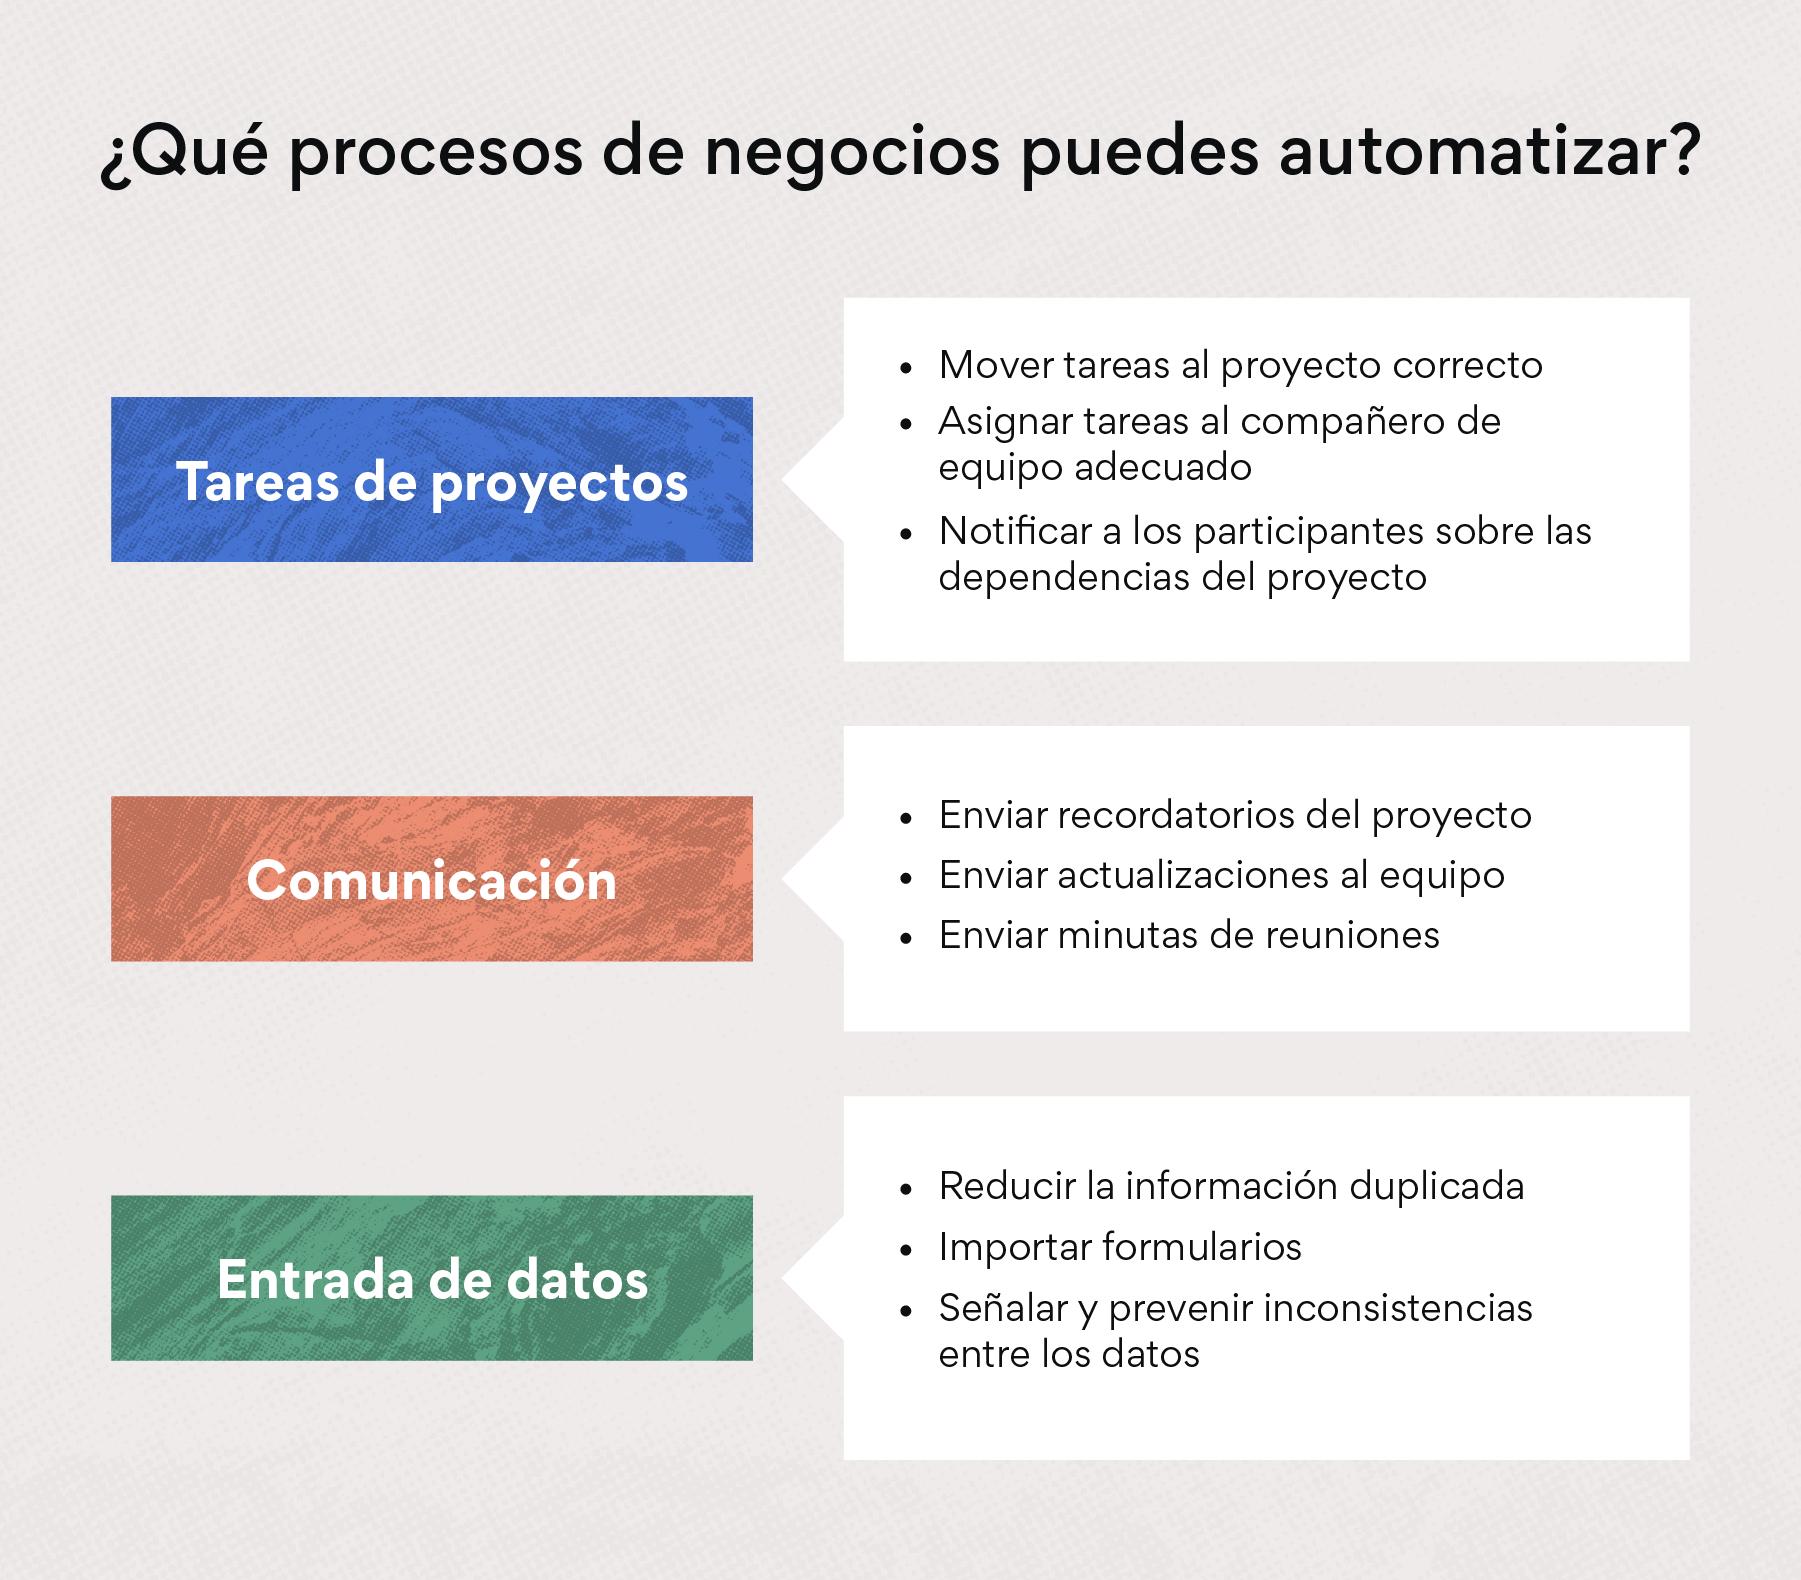 ¿Qué procesos de negocios puedes automatizar?